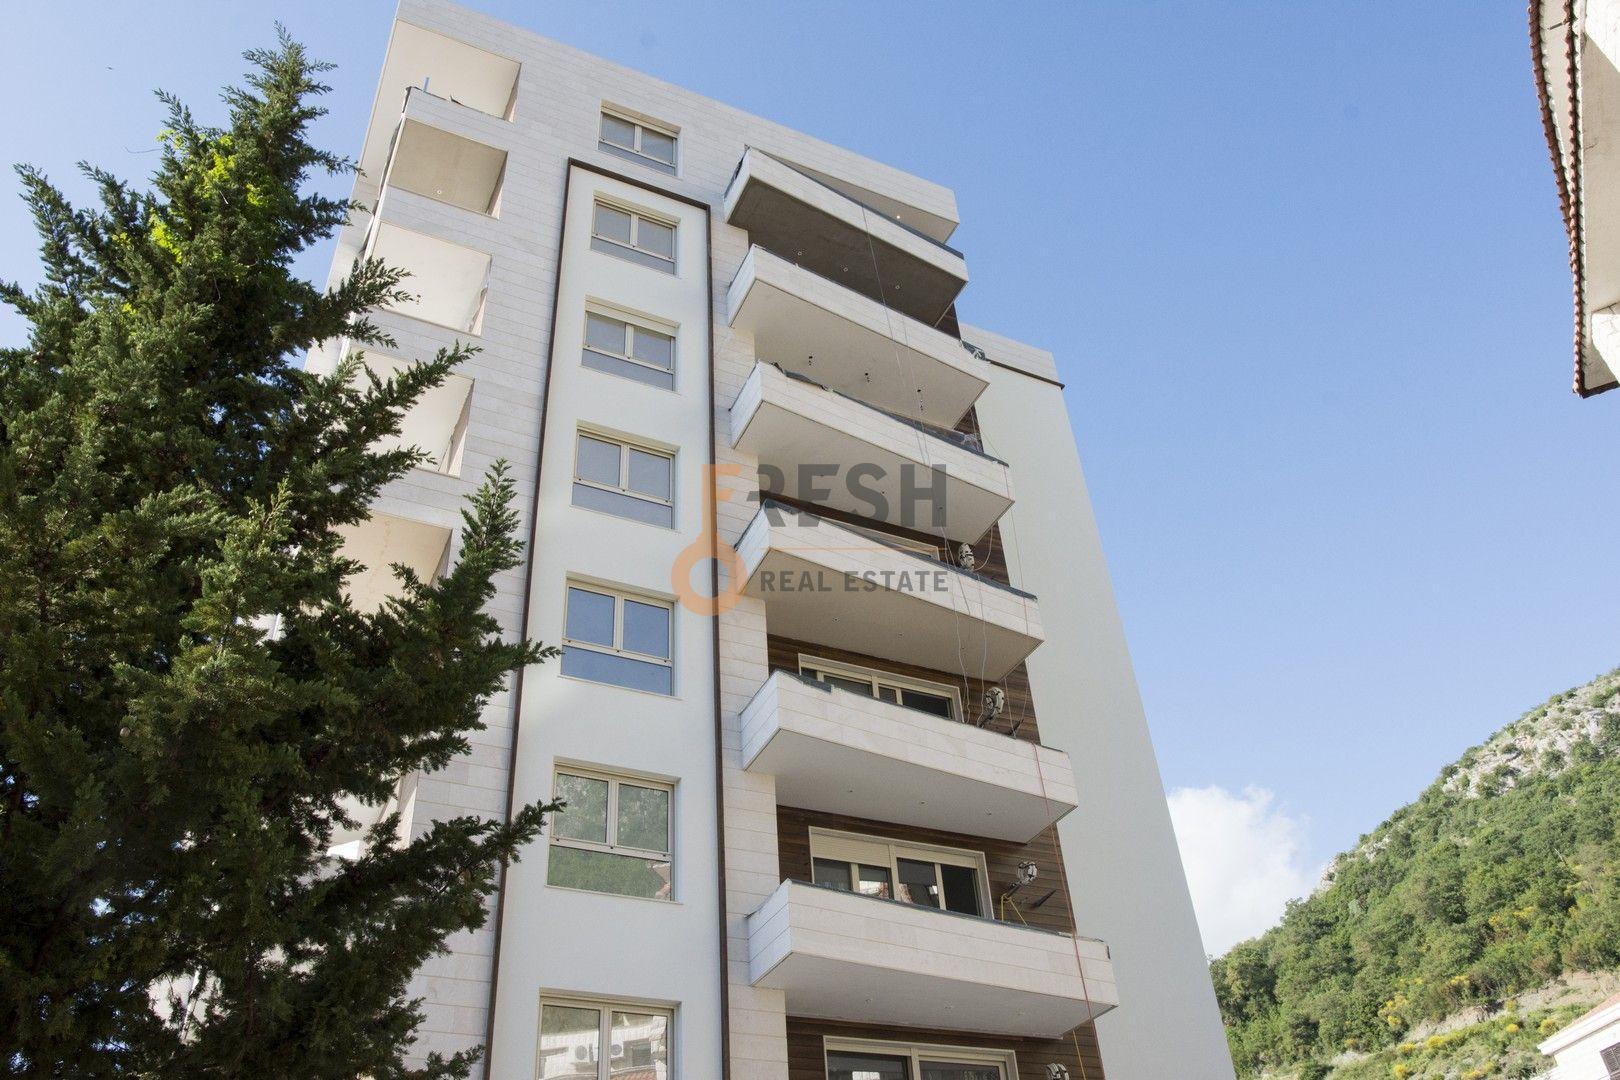 Lux jednosoban stan, 48m2, Rafailovići, Prodaja - 1